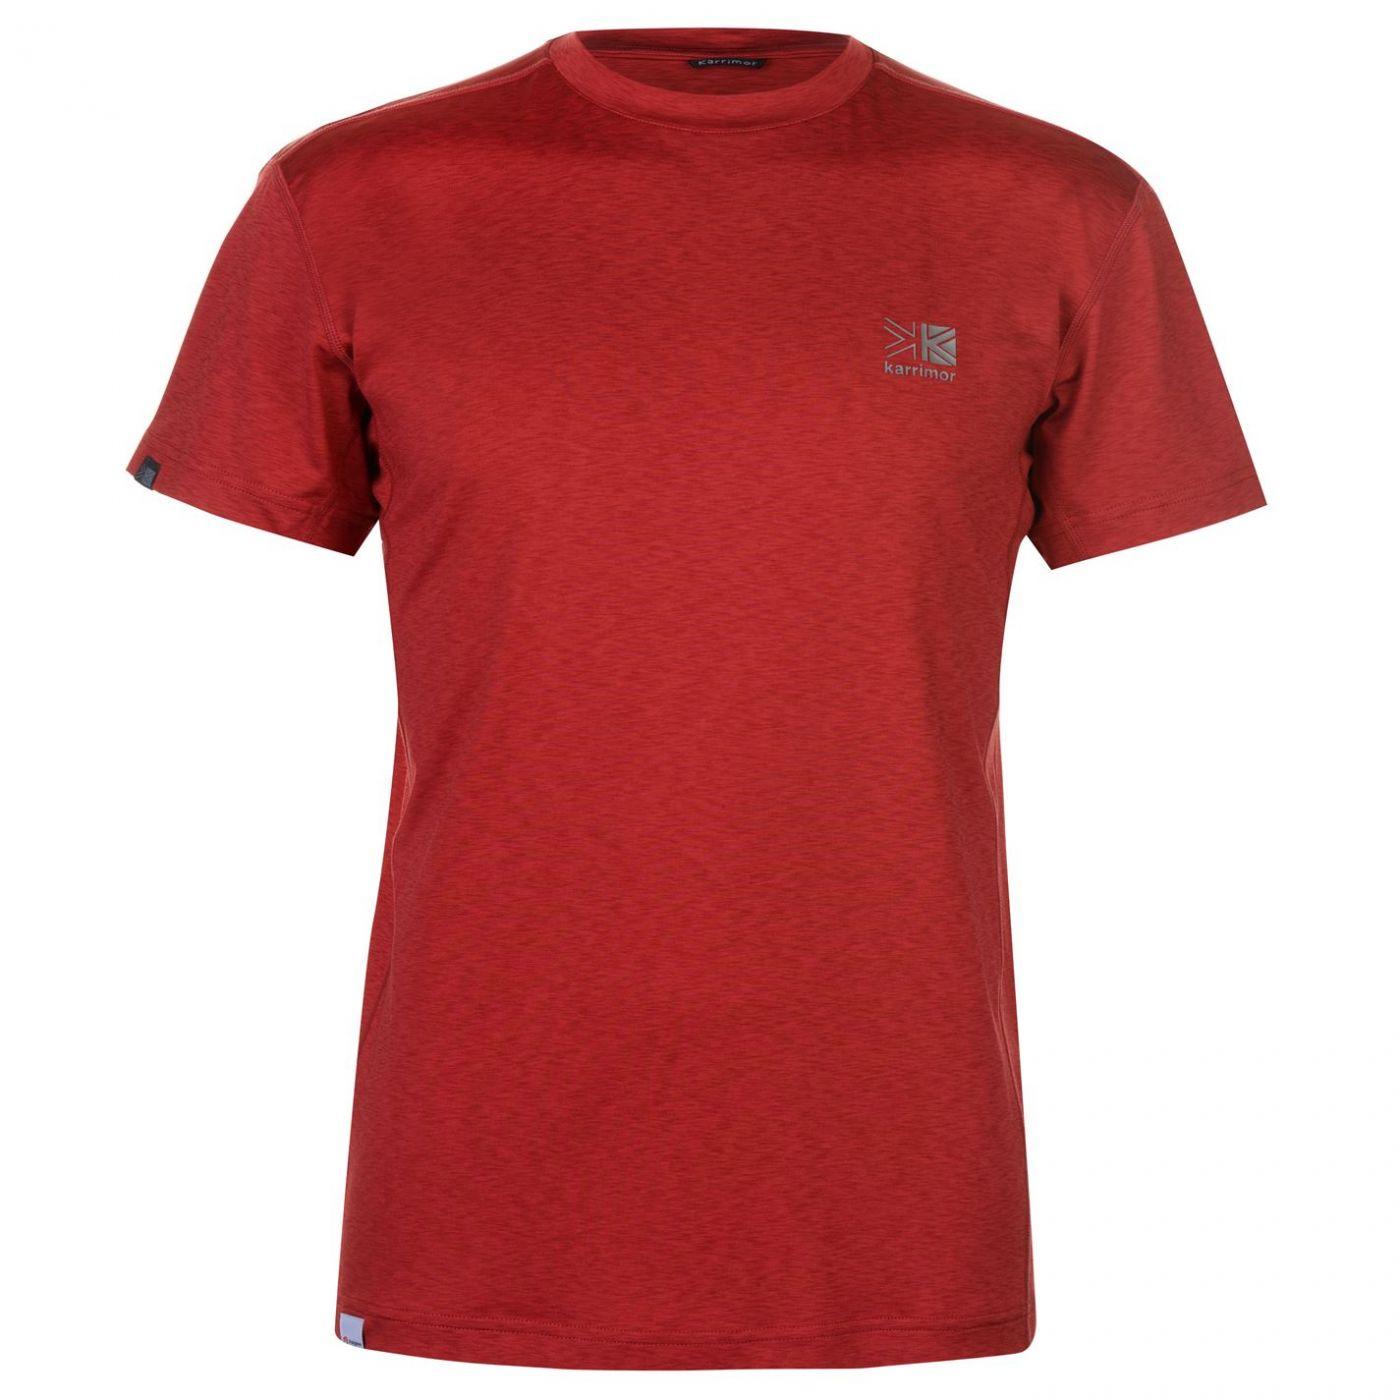 Karrimor Ridge T Shirt Mens